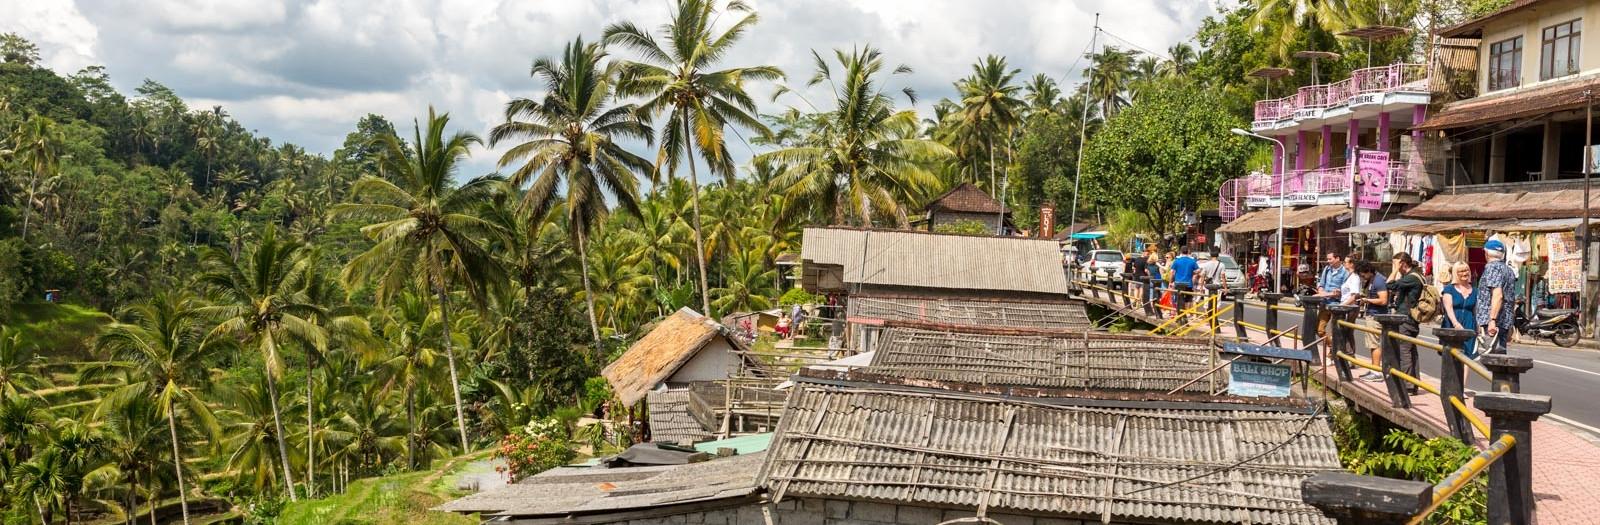 Путешествие на остров Бали. Июнь, 2015.